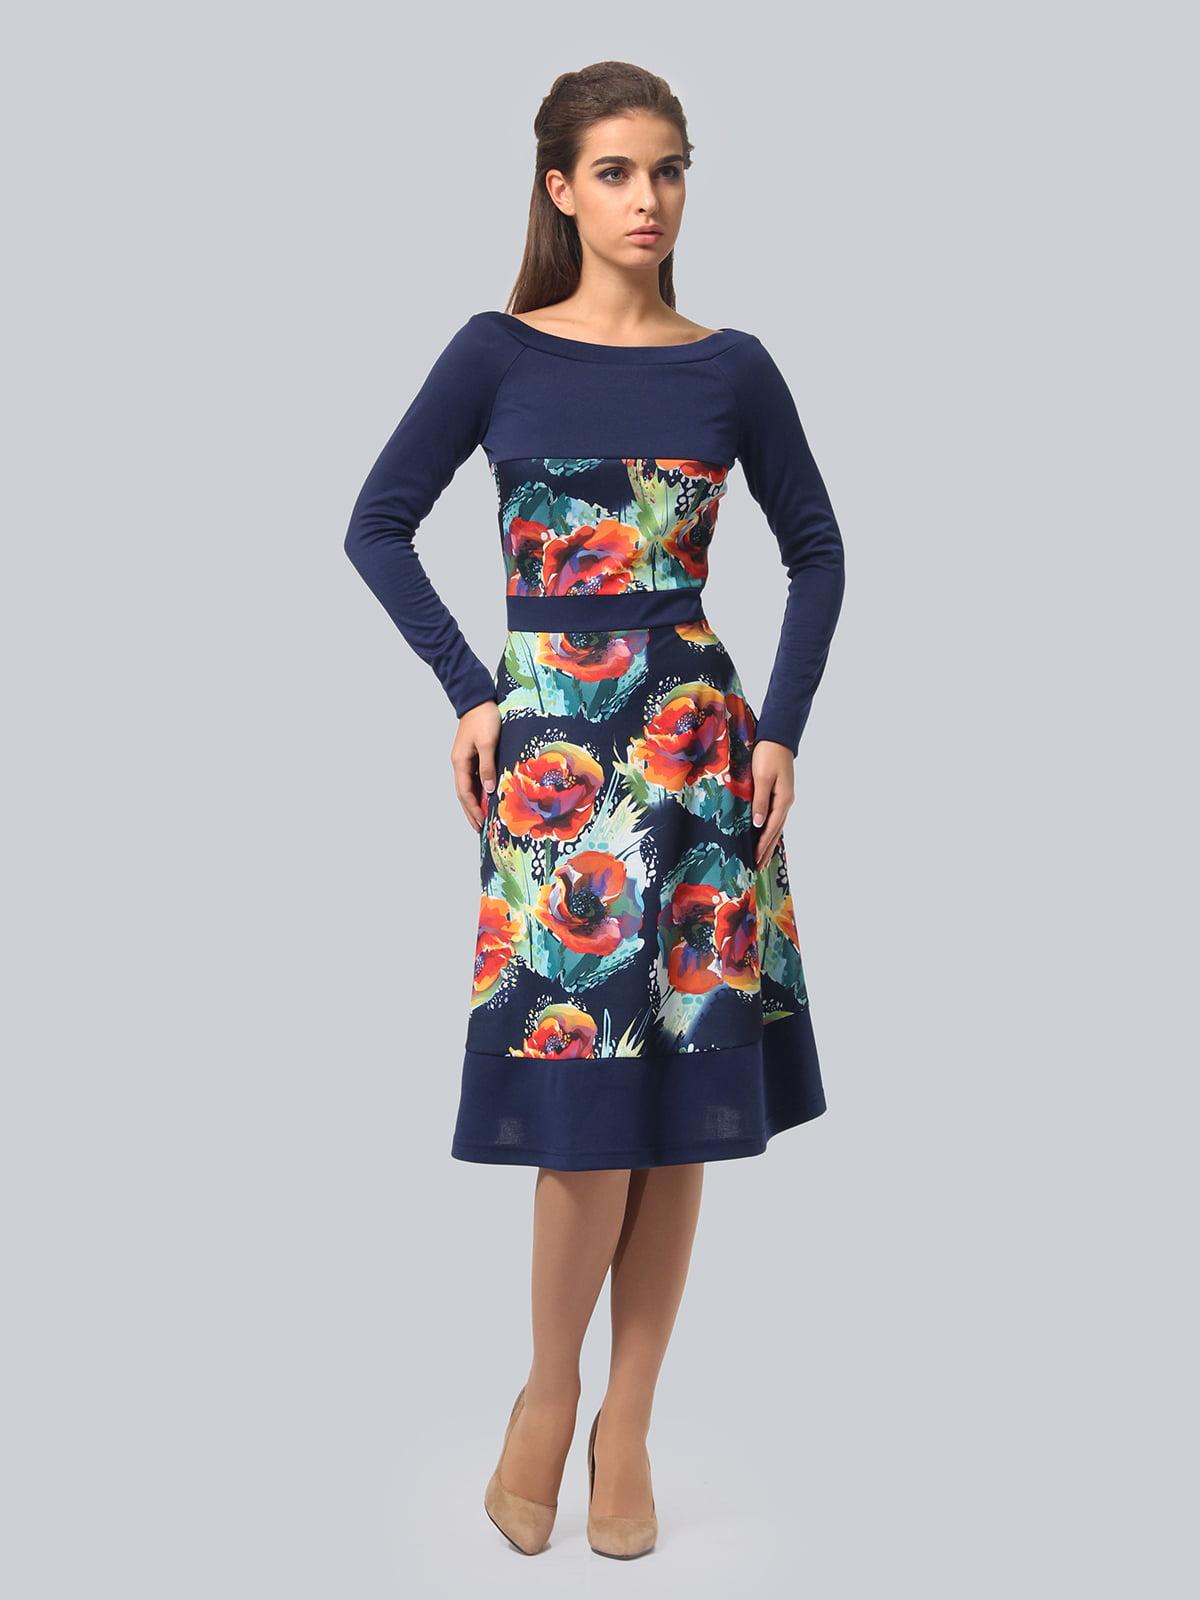 Платье синее с цветочным принтом   4794782   фото 3